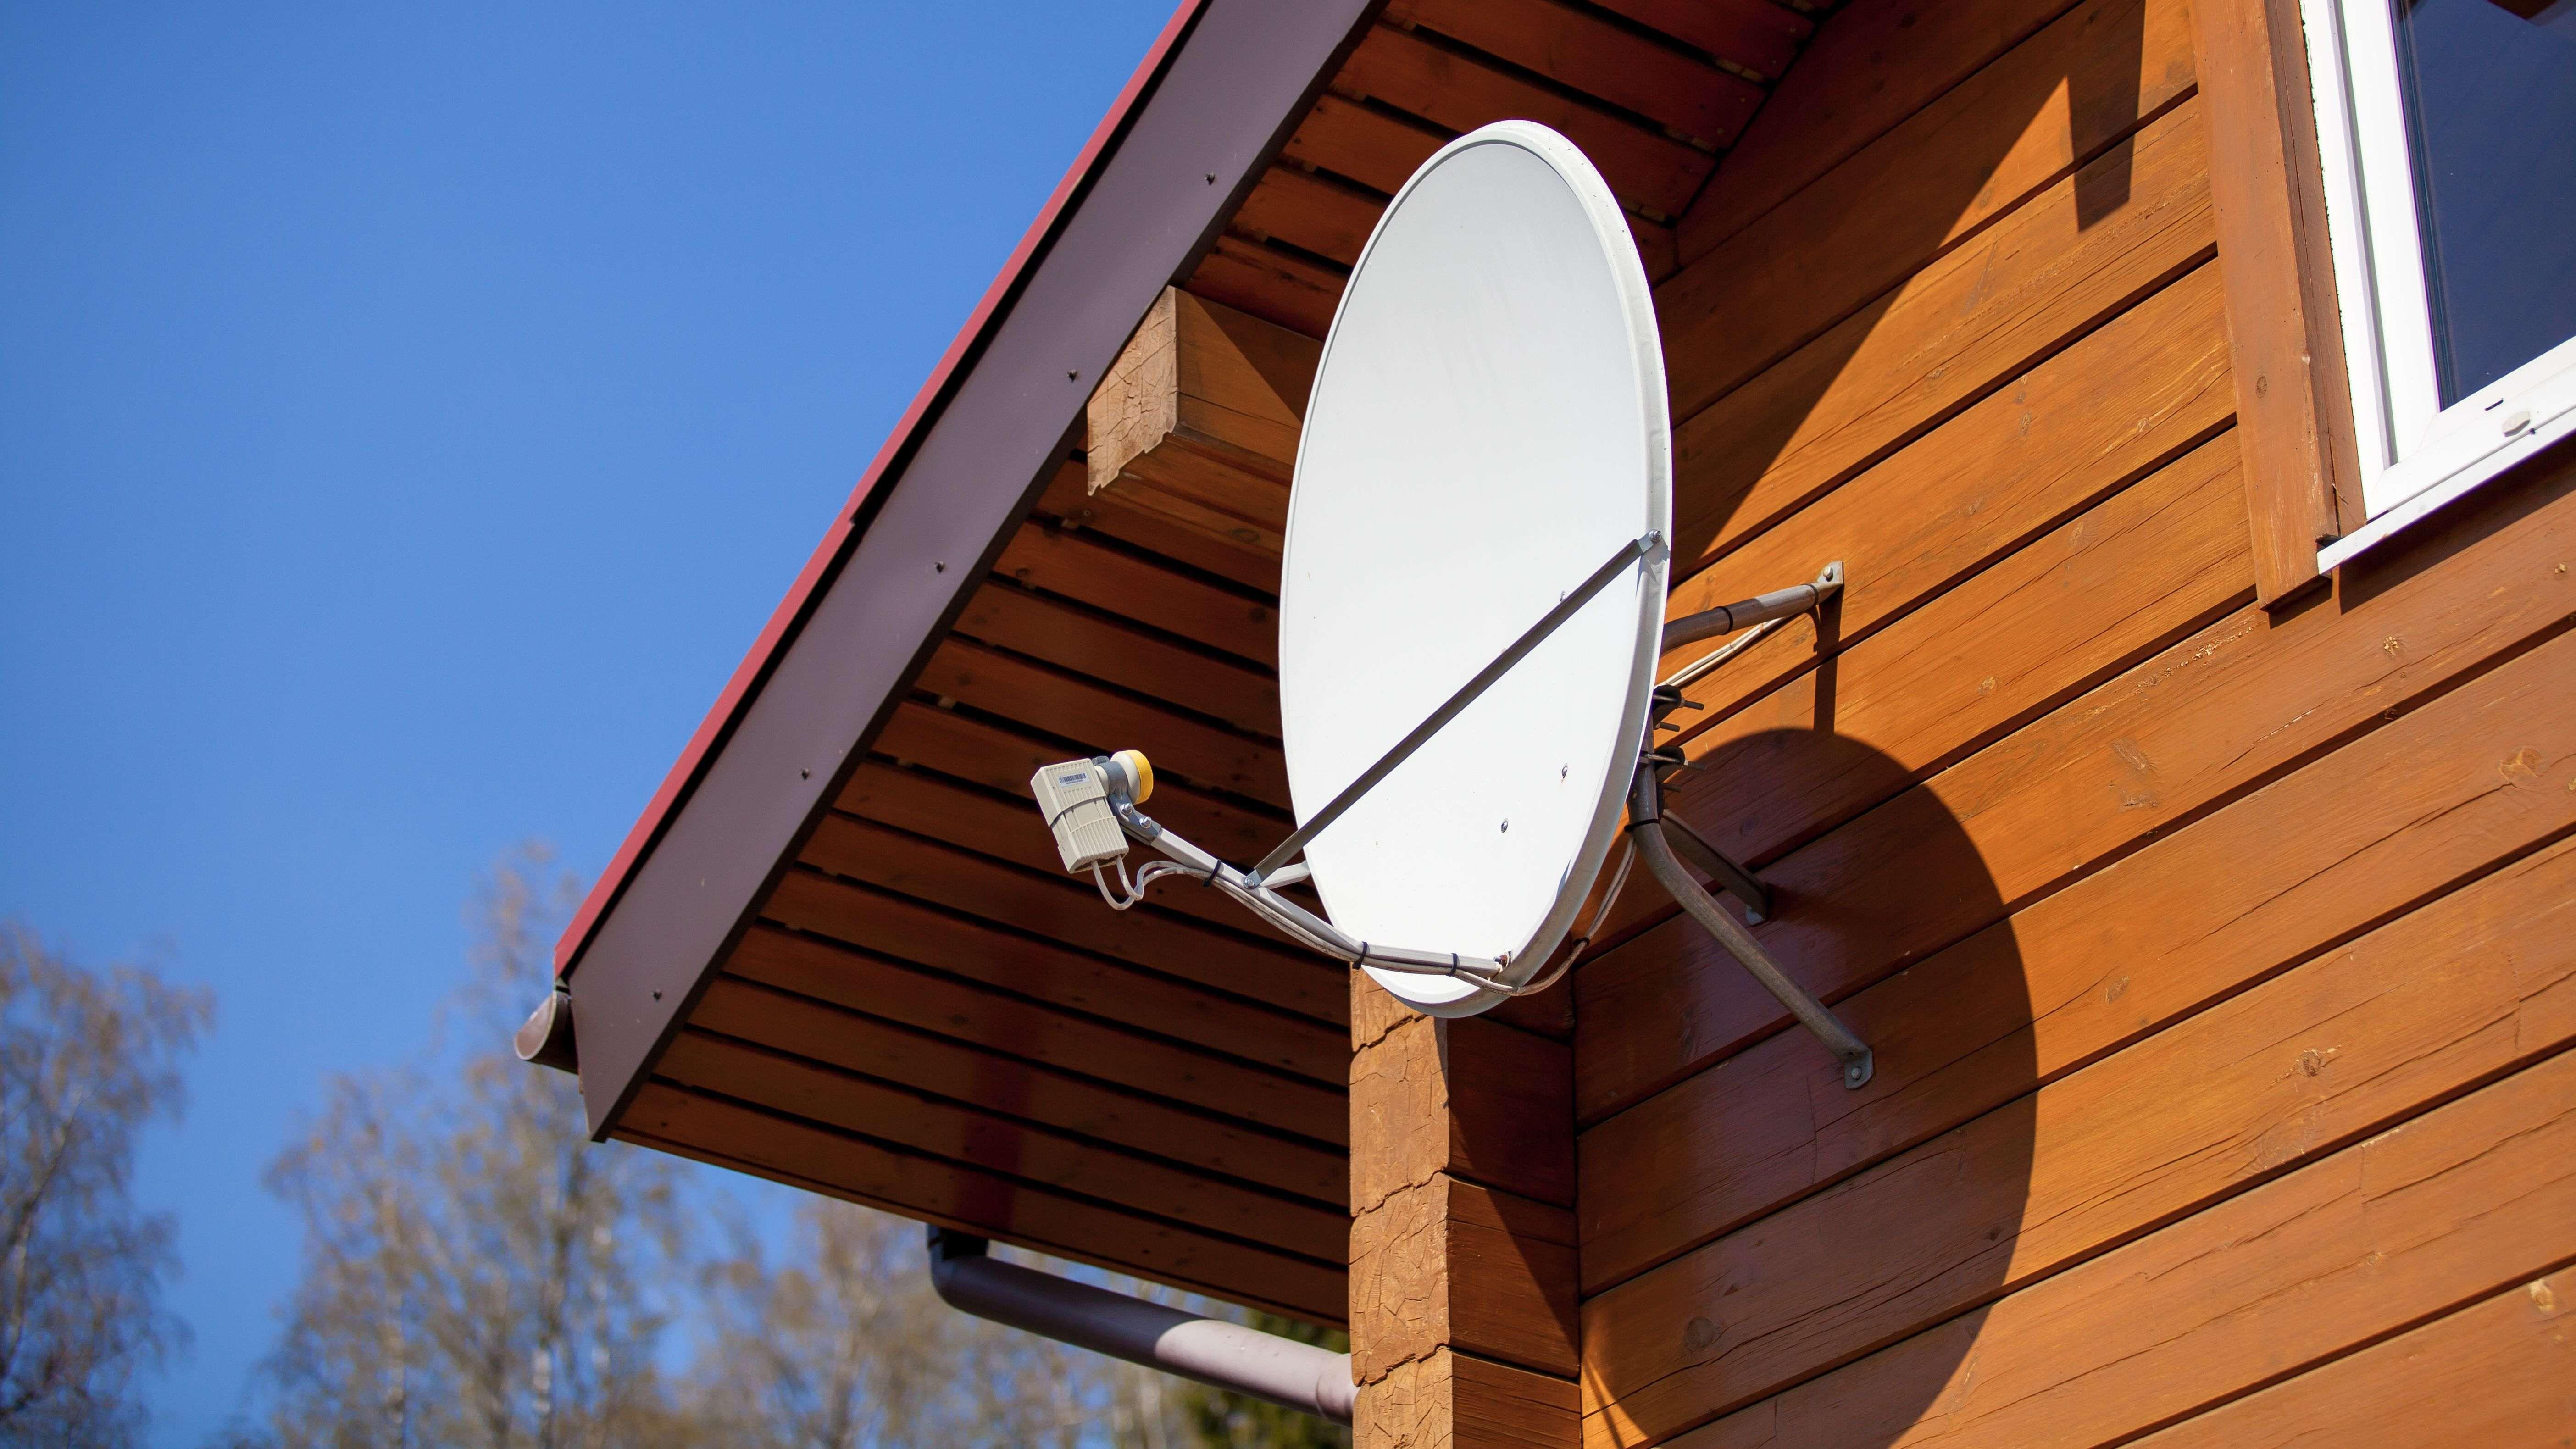 Réception TV par satellite : bien choisir